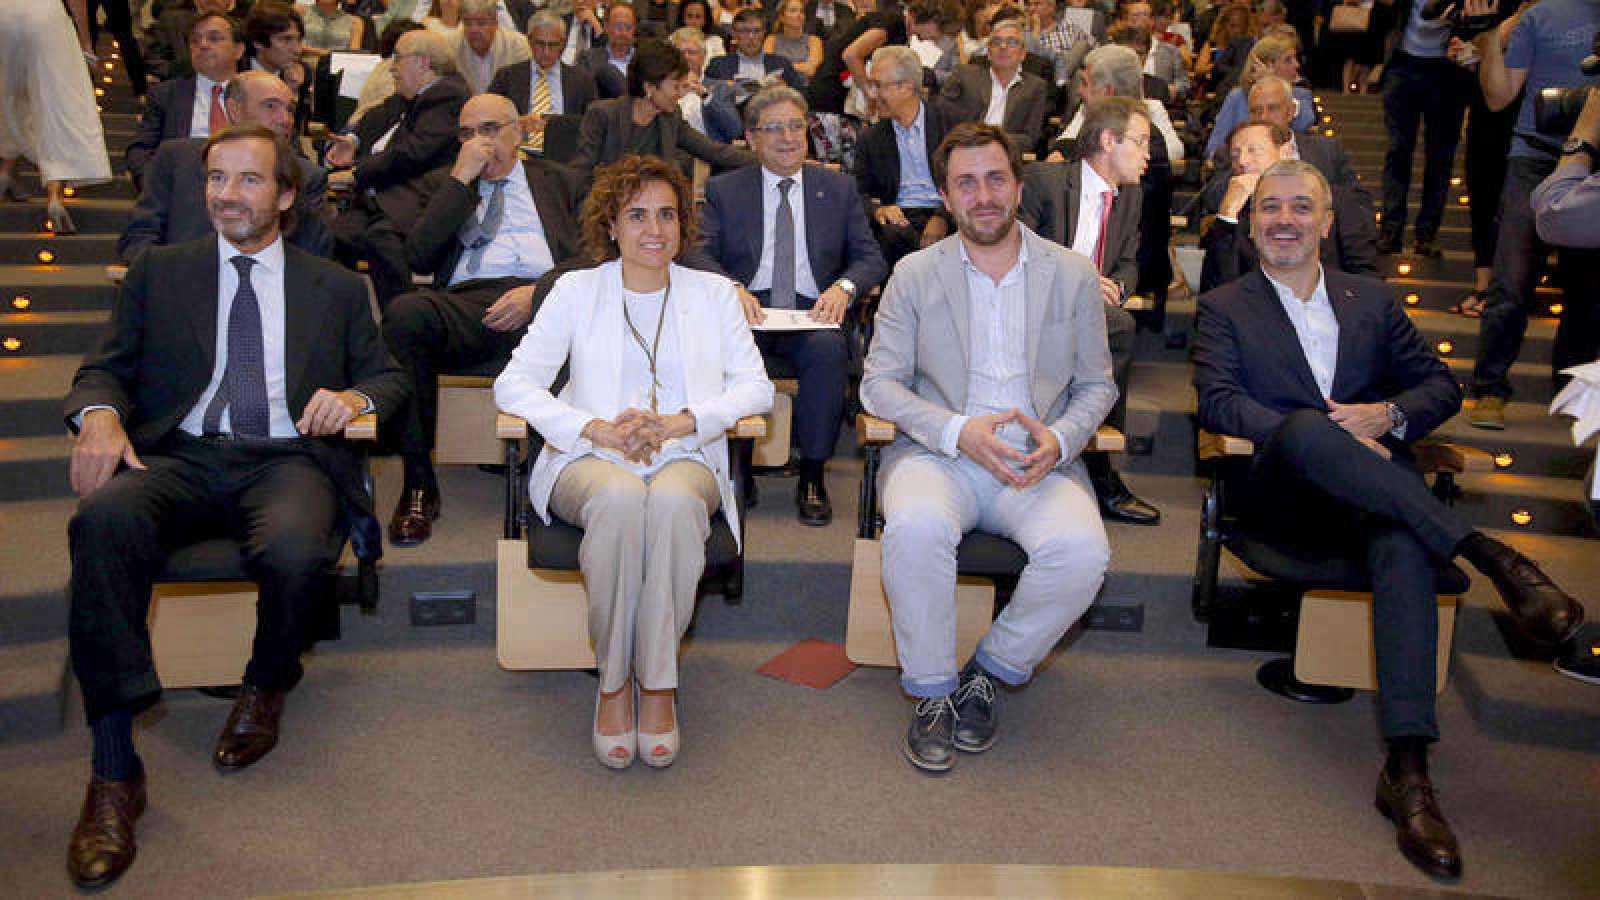 El presidente de Barcelona Global, Gonzalo Rodés, la ministra de Sanidad, Dolors Montserrat, el conseller de Sanitat, Toni Comín, y el segundo teniente de alcalde de Barcelona, Jaume Collboni durante un acto de apoyo a la candidatura de Bar